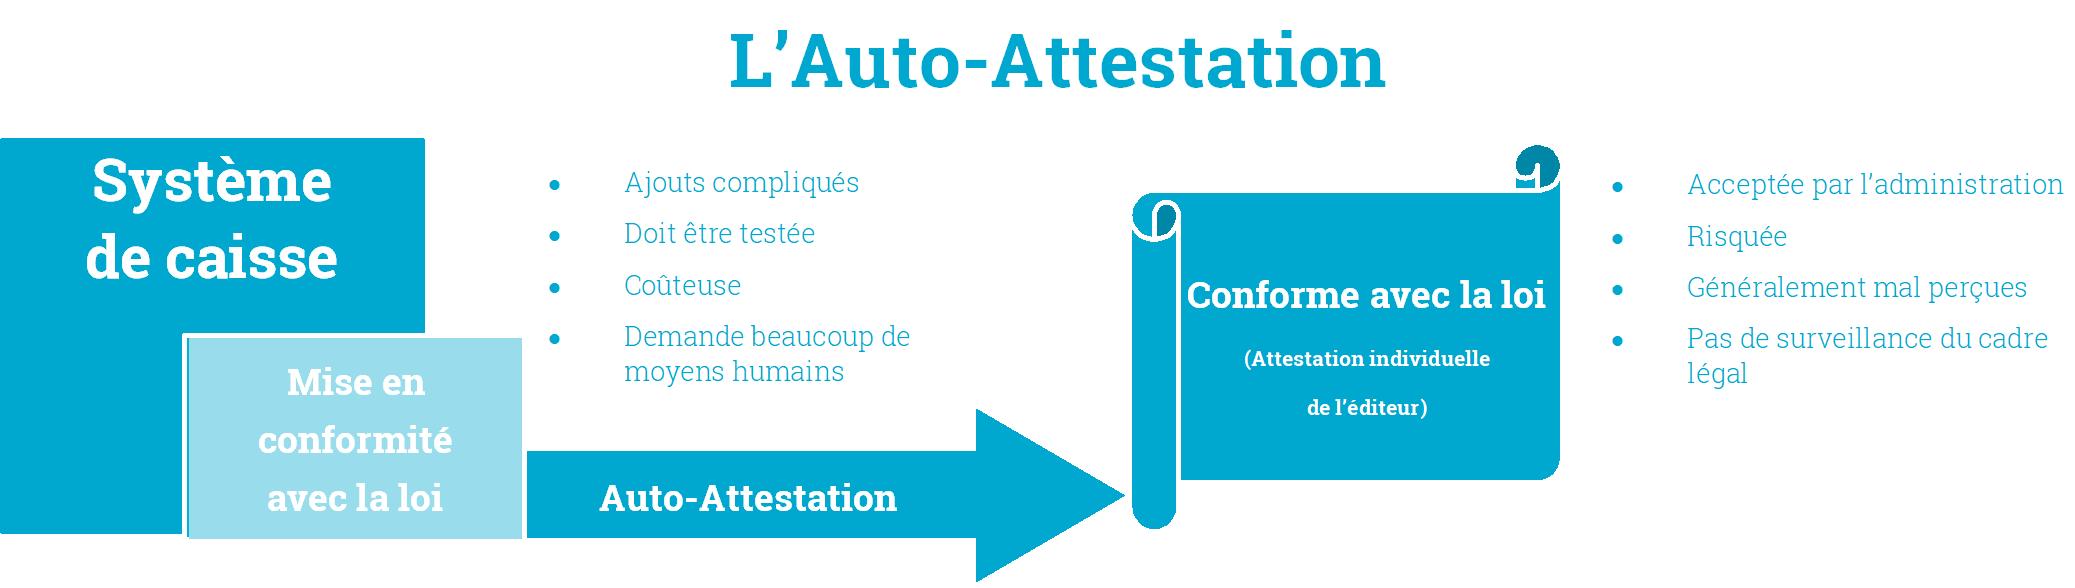 Auto-Attestation ou Certification : Que choisir ? Auto-Attestation!